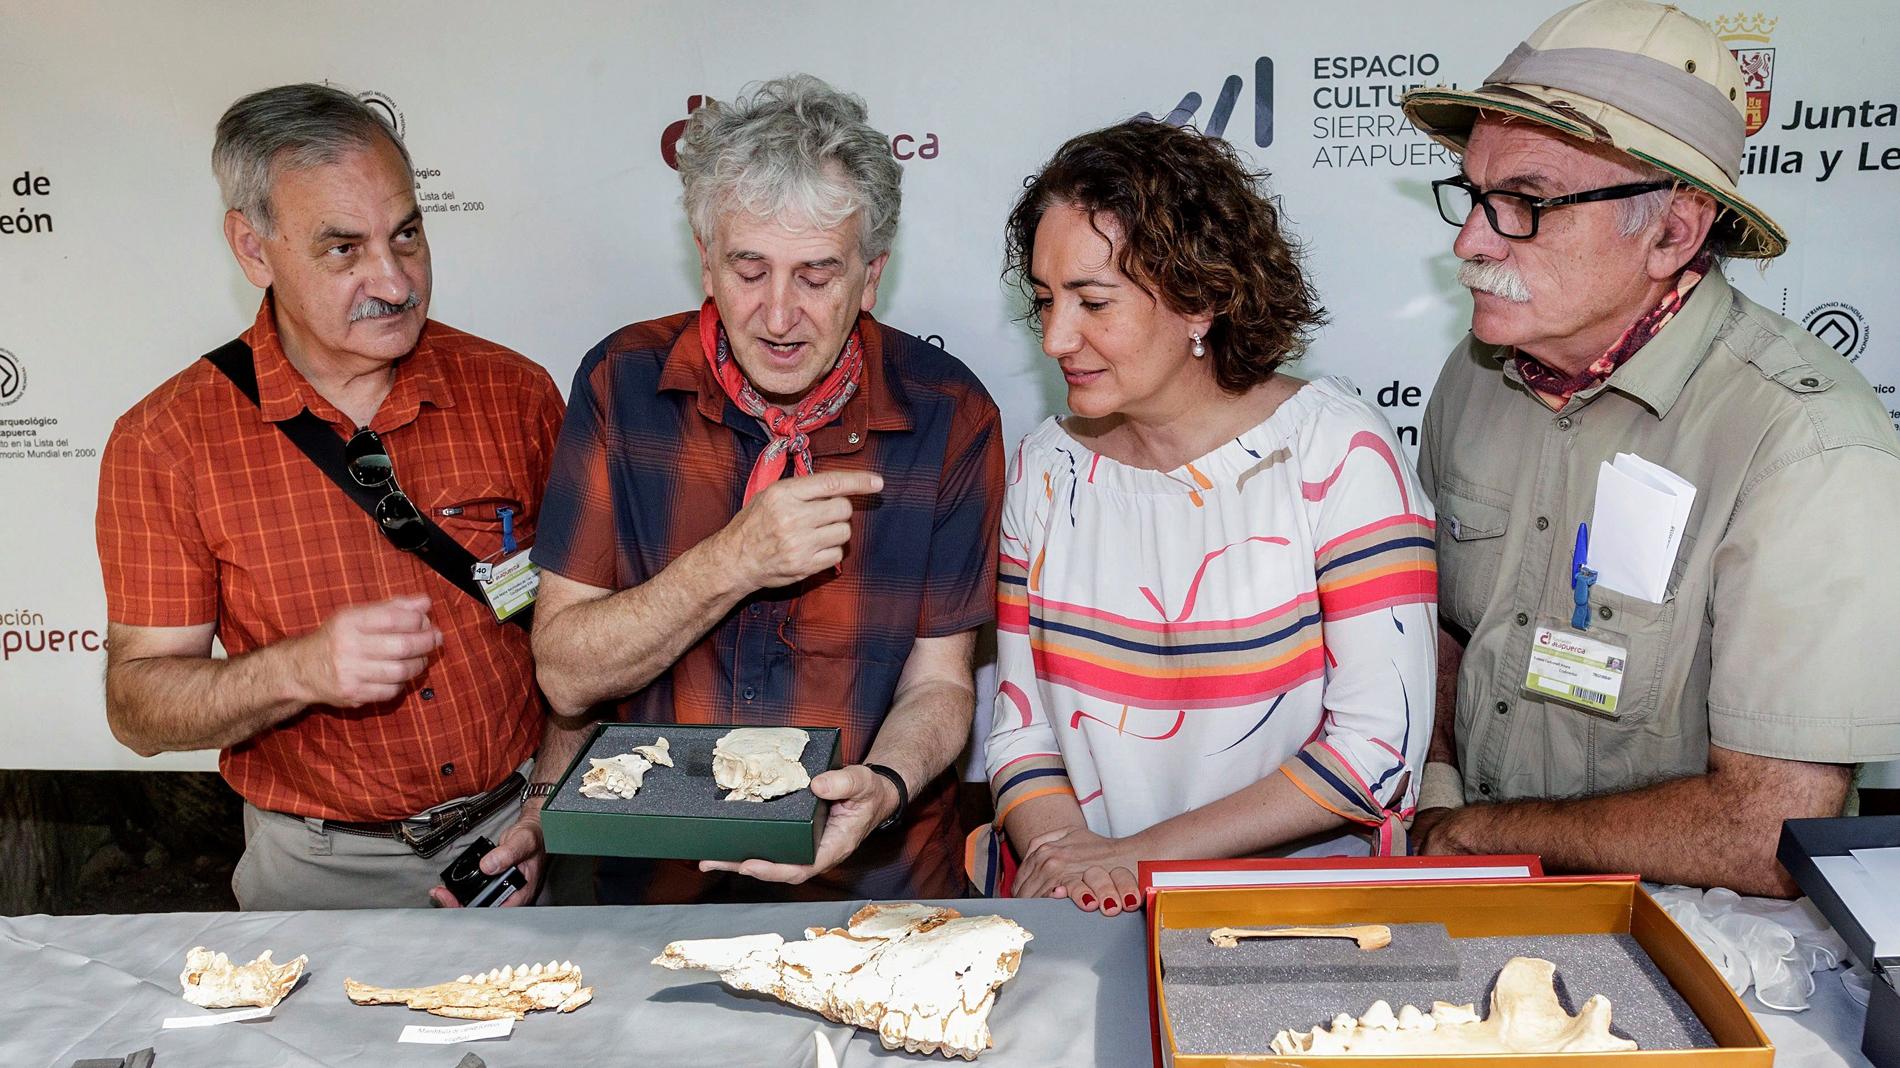 El hallazgo más importante de 2018 en Atapuerca, restos de una adolescente de hace 300.000 años